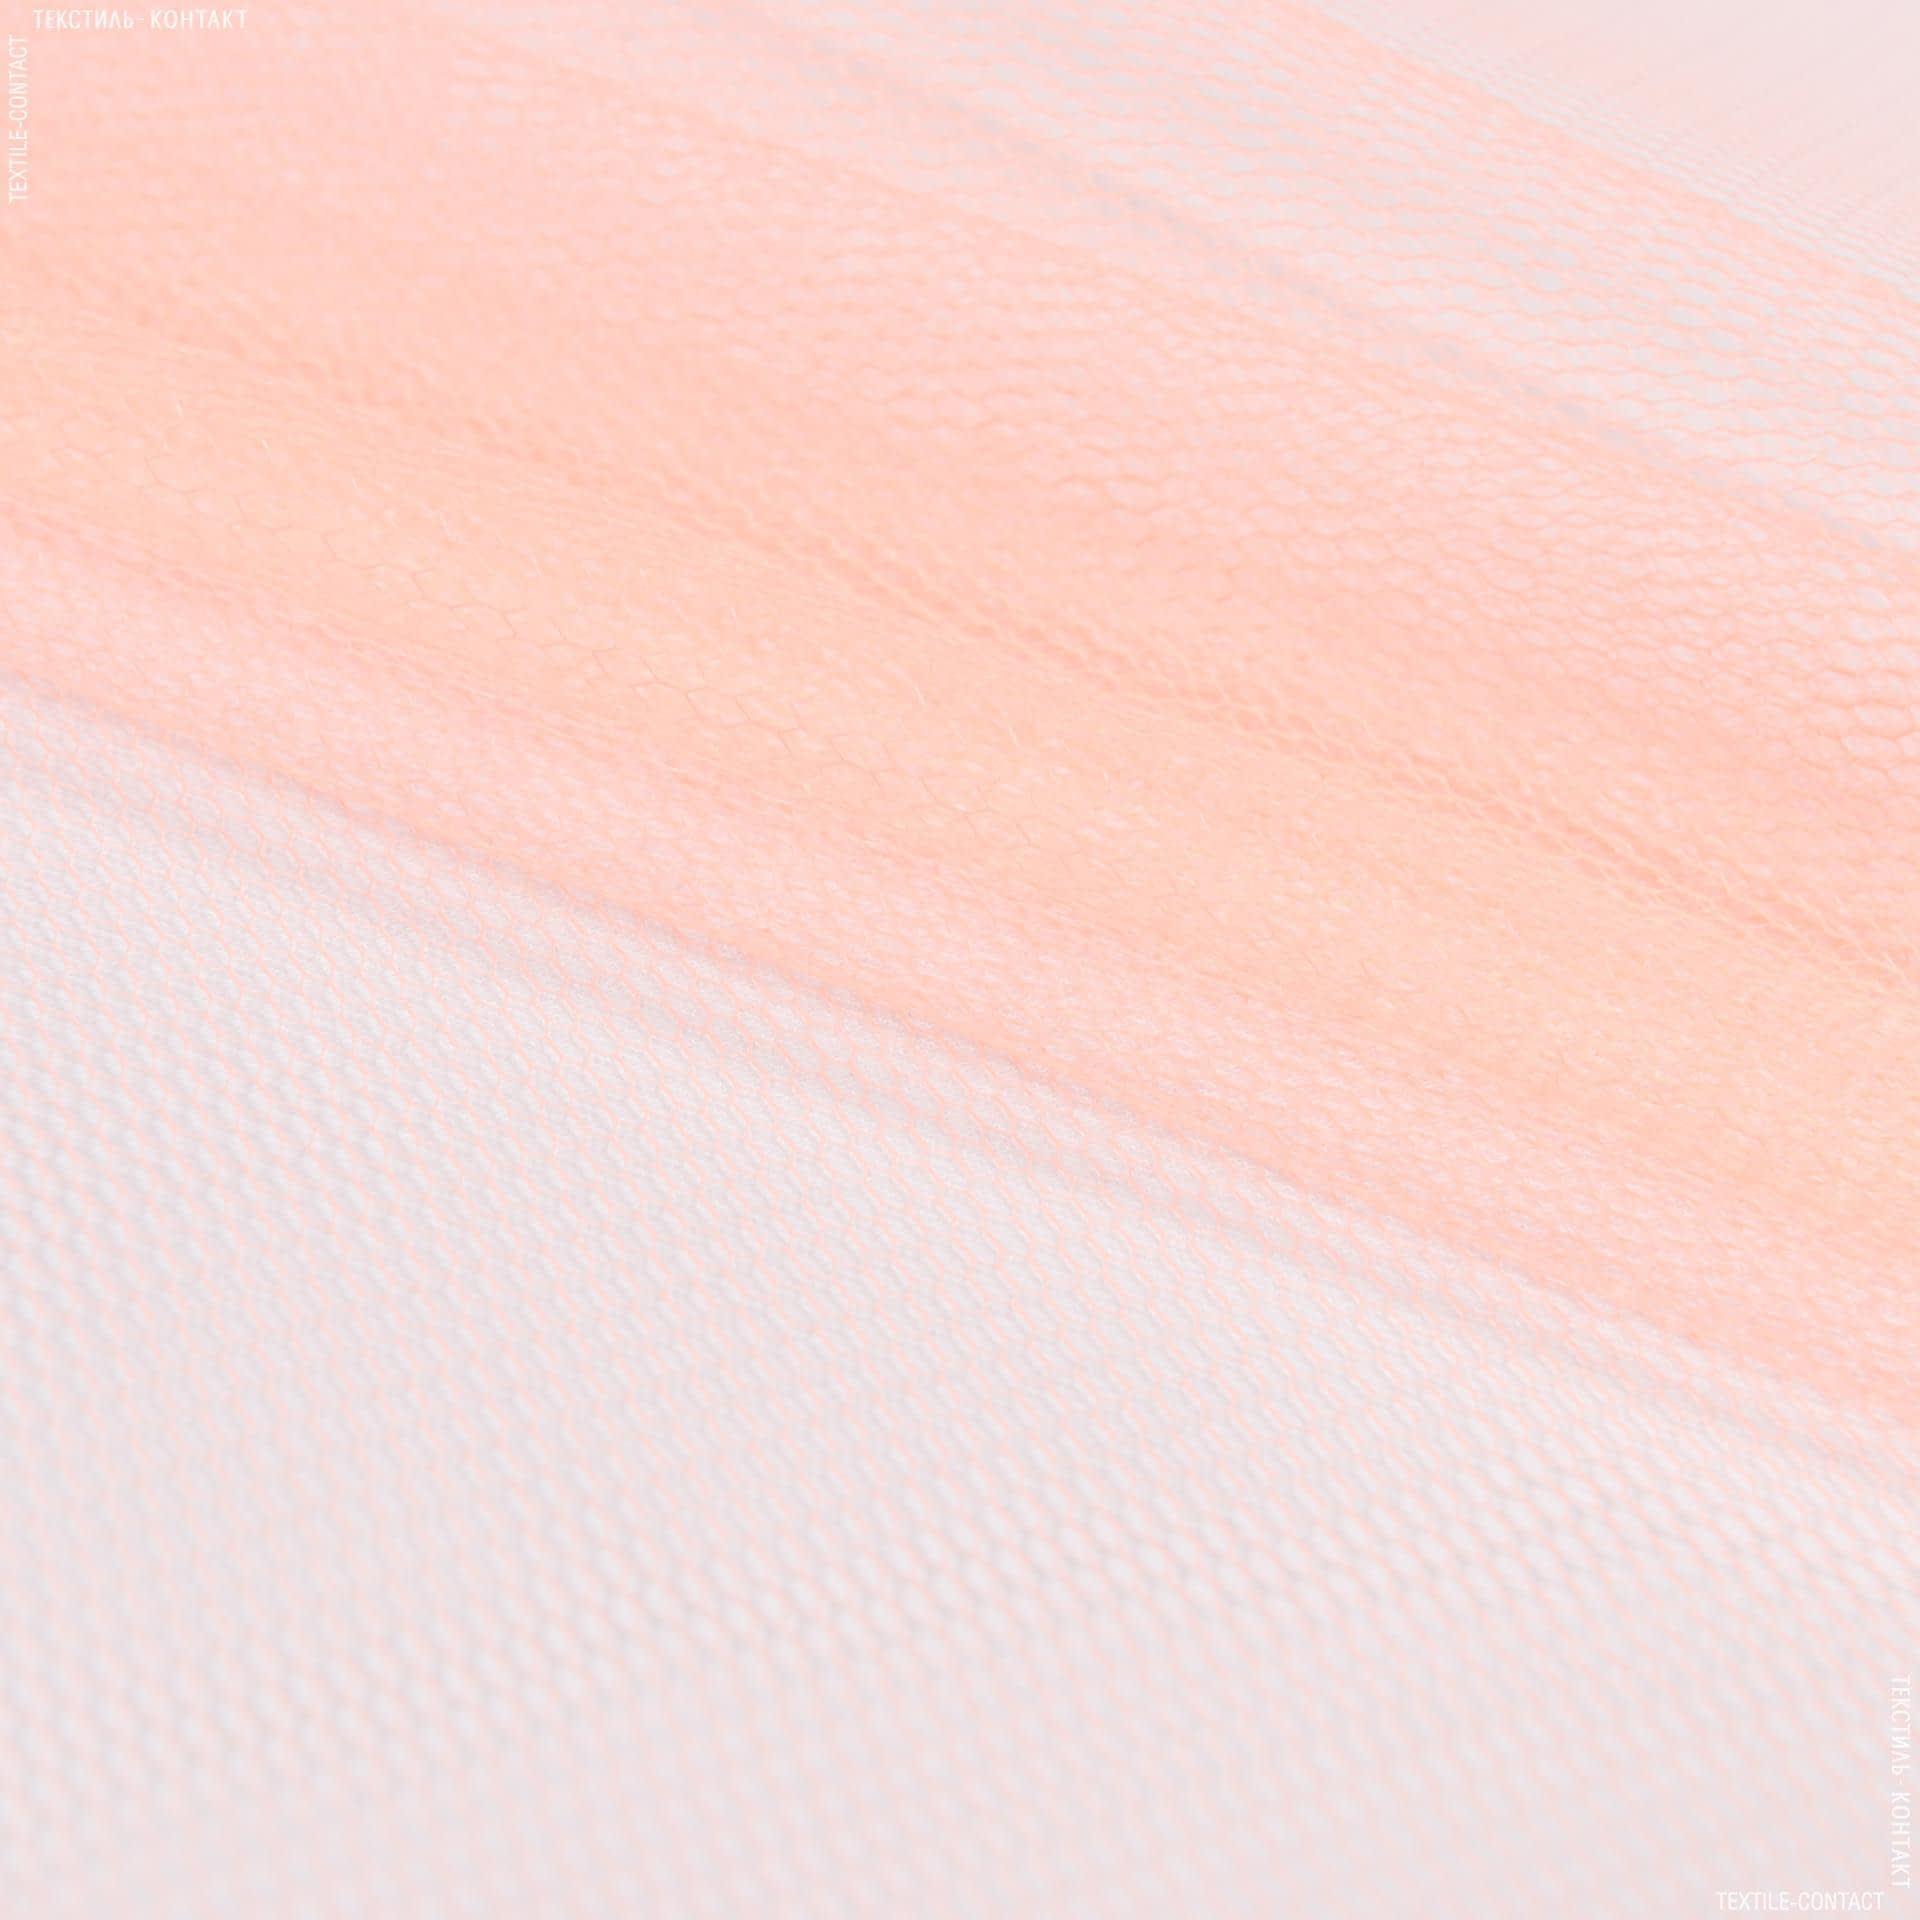 Ткани для блузок - Фатин жесткий абрикосовый